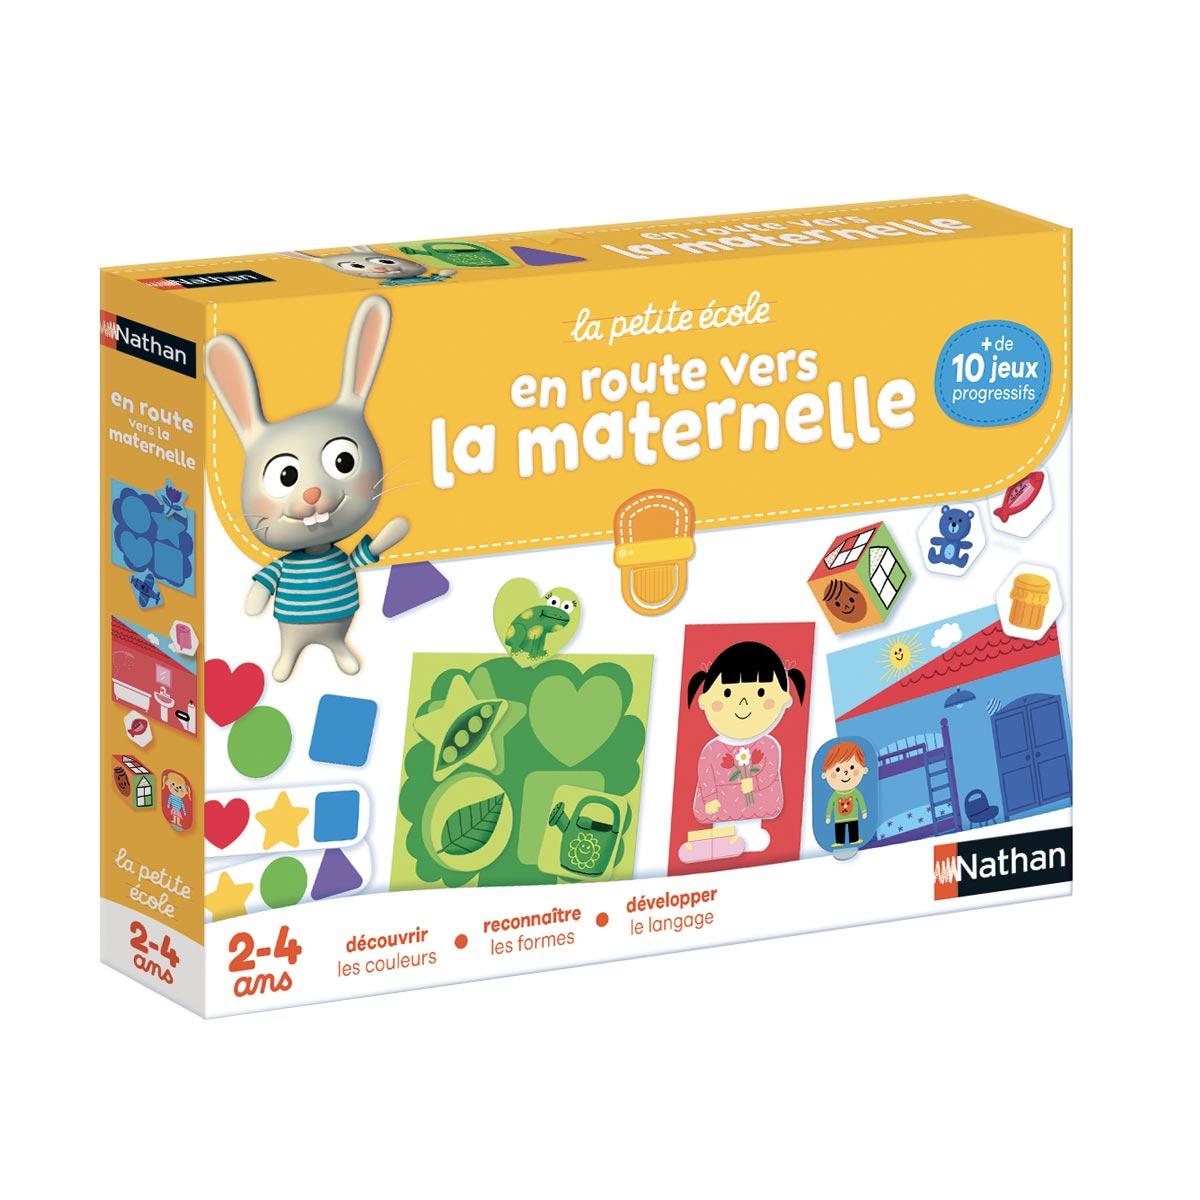 Coffret De Jeux En Route Vers La Maternelle tout Jeux Didactiques Maternelle